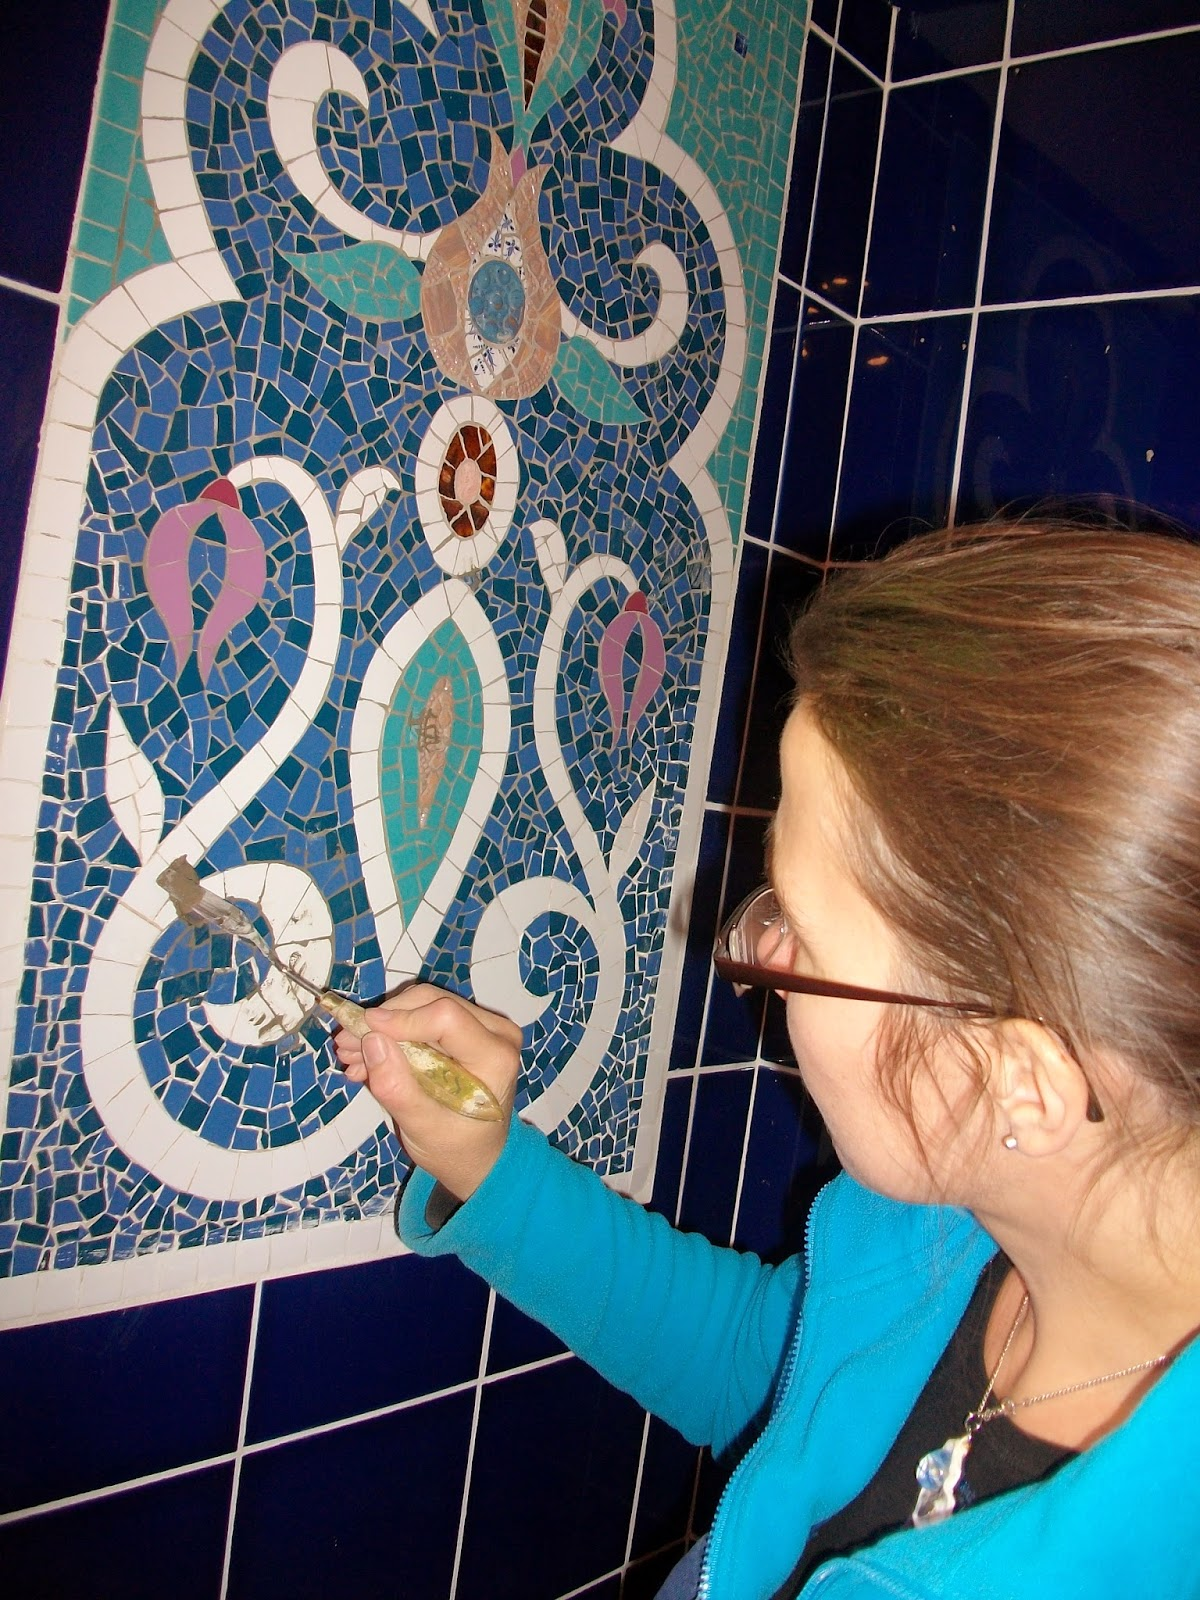 severine peugniez mosaîste professionnel création de décor et fresque sur commande salle de bains douche jacuzzi salle d'eau pour client particulier tarif raisonnable